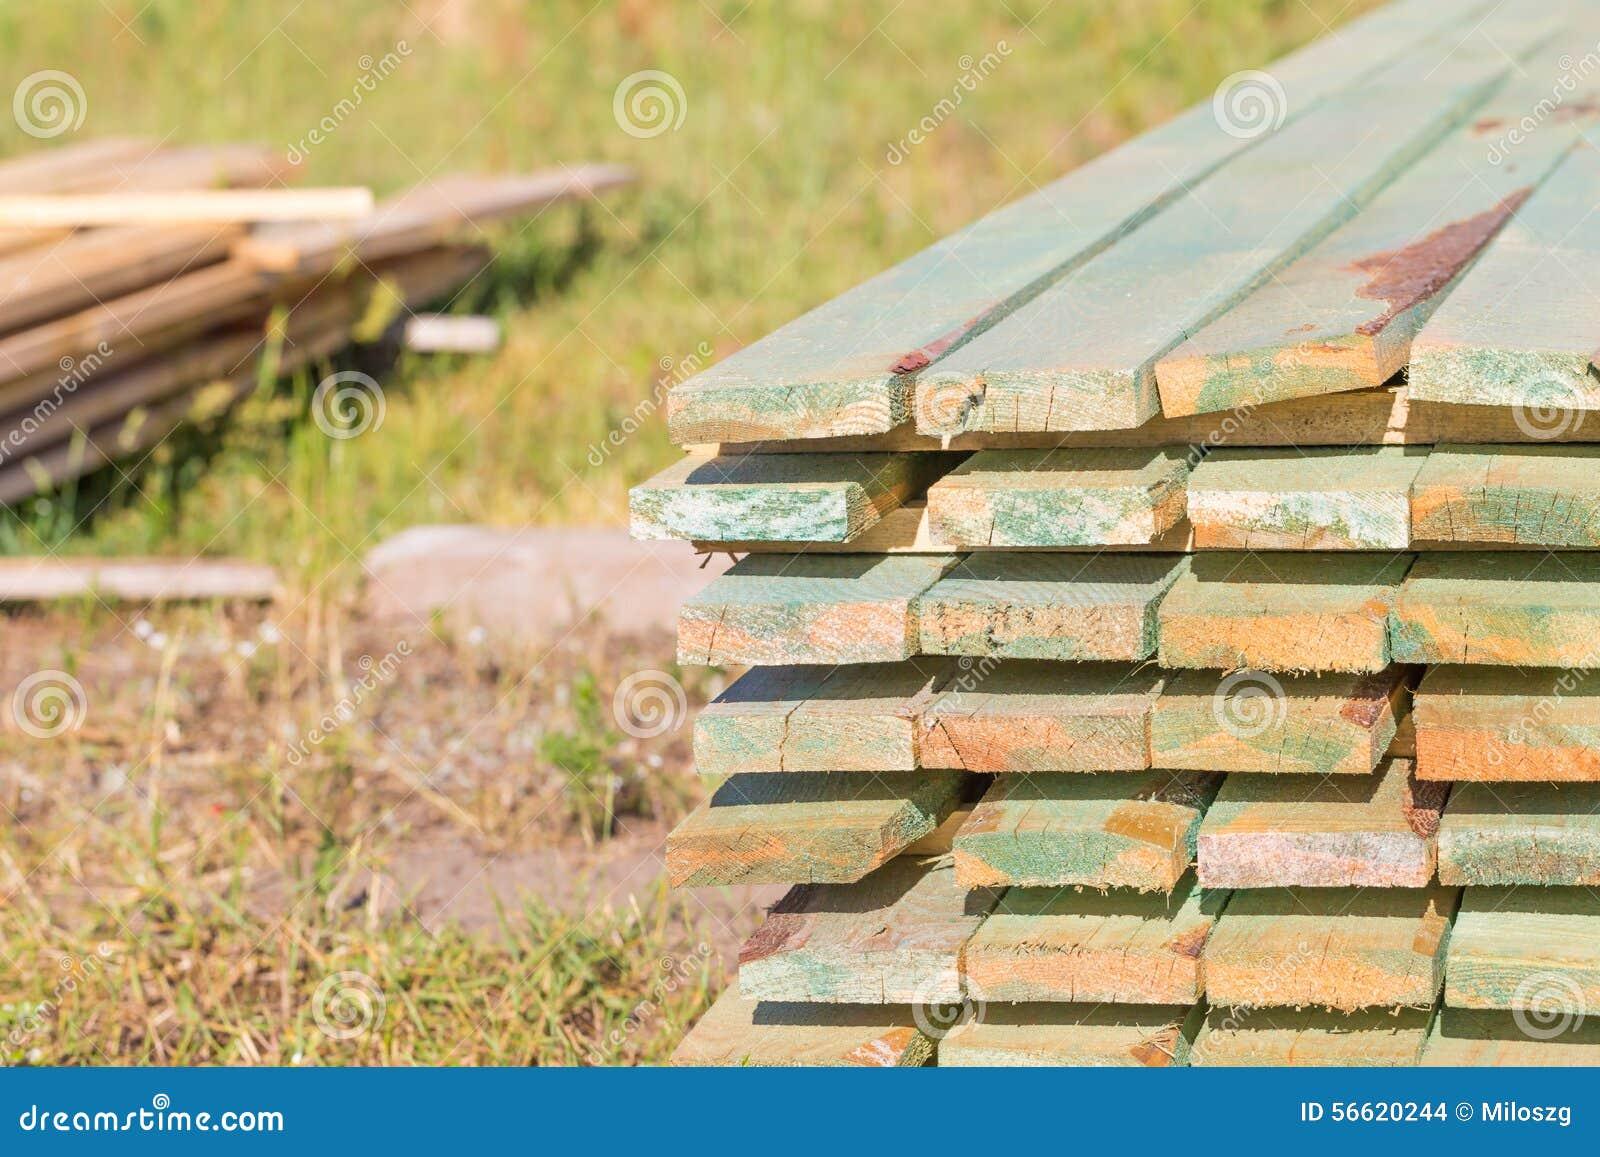 Drewniane deski od tartaka dla domu zadaszają budowę